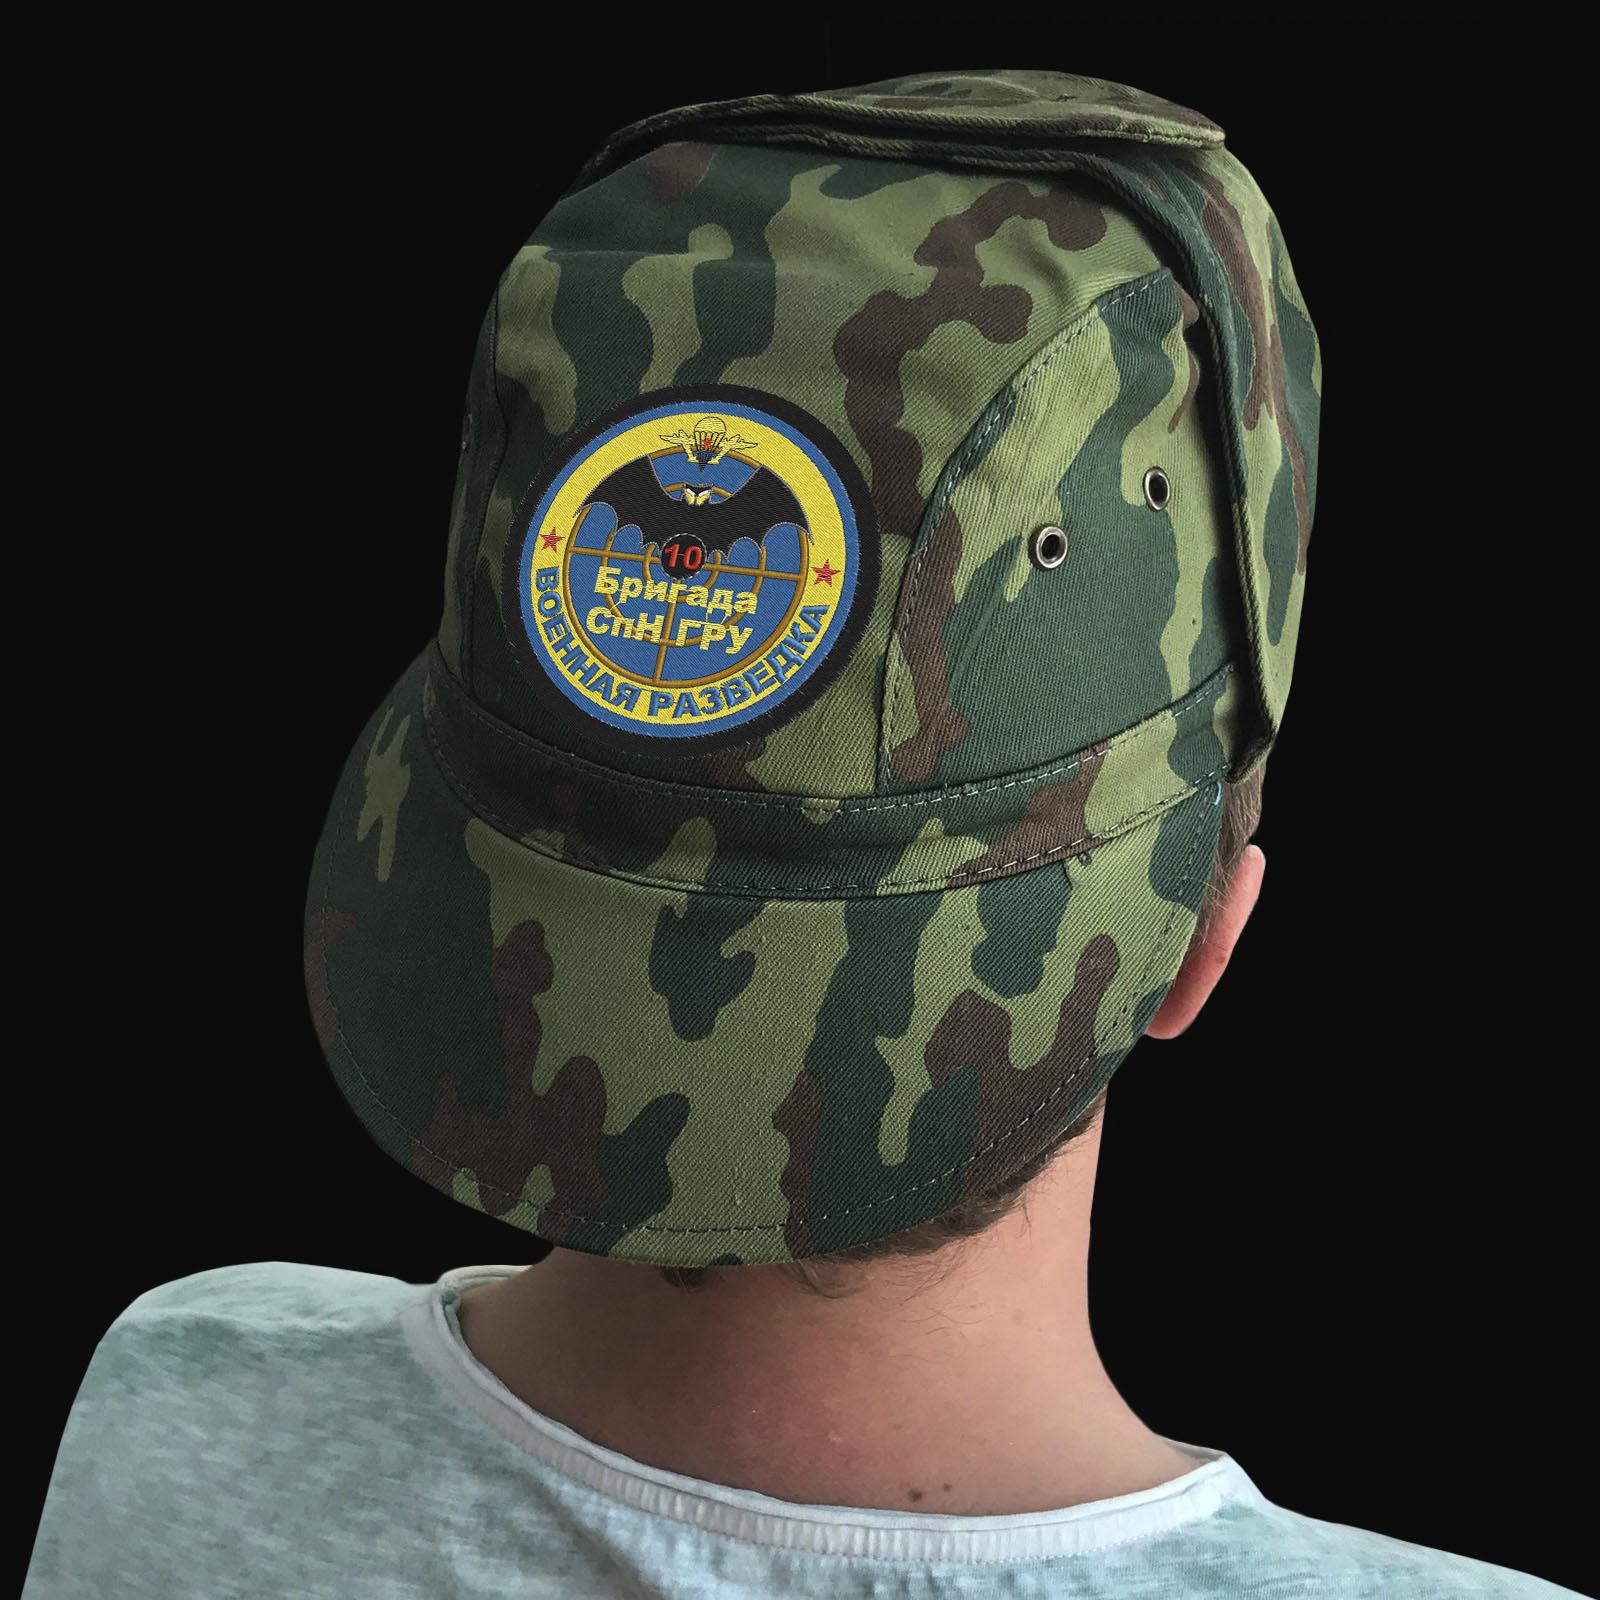 Милитари кепки с шевронами 10 ОБрСпН ГРУ